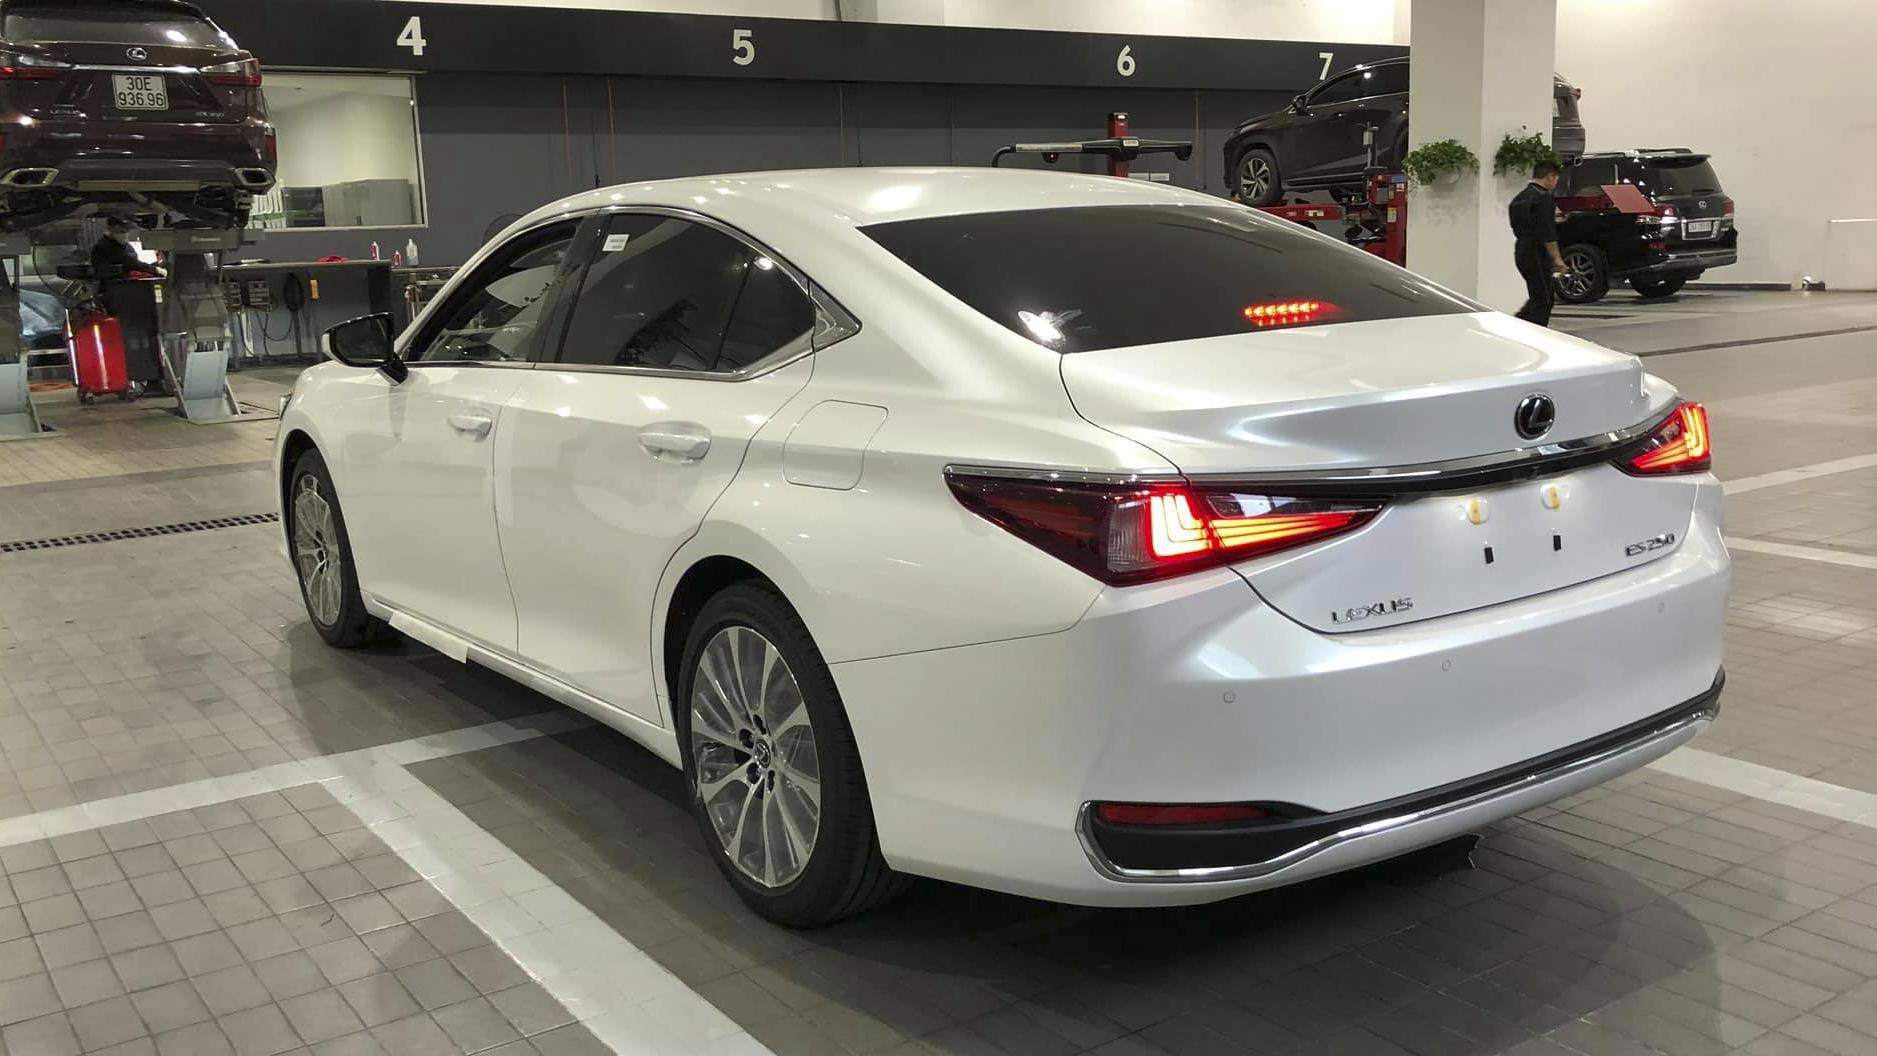 Thiết kế đuôi xe Lexus ES 250 2019